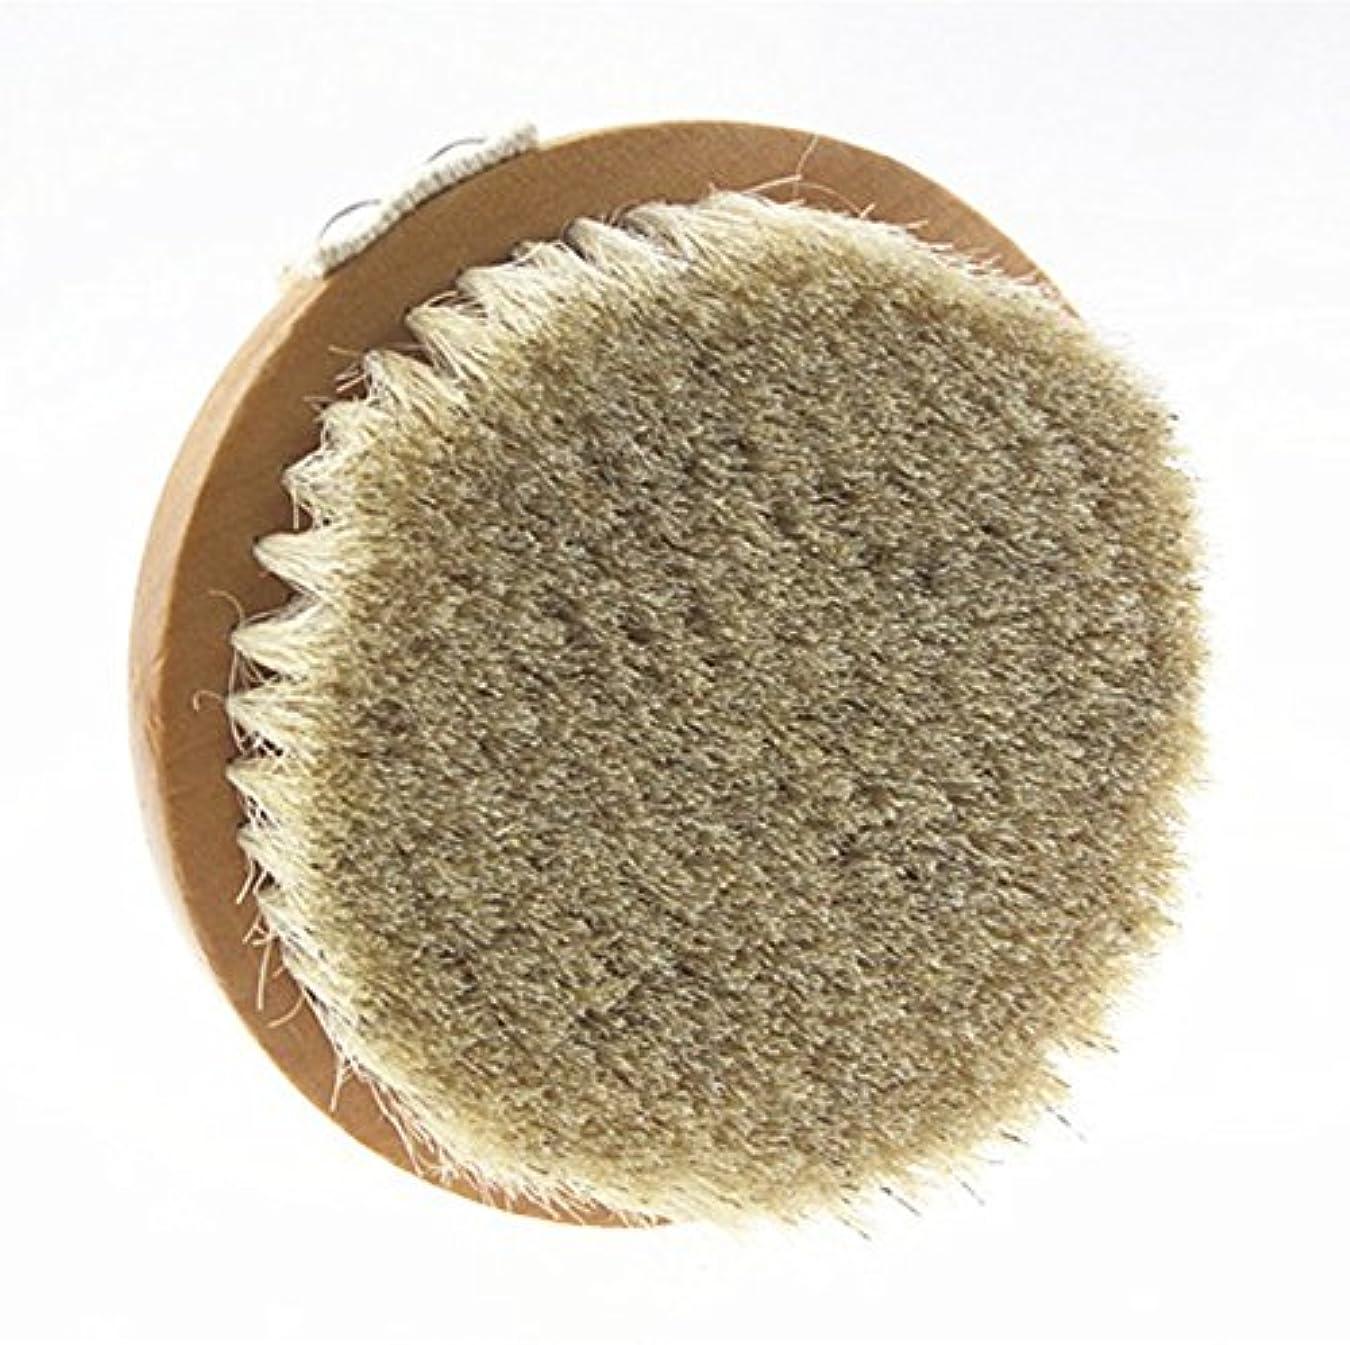 売上高剃る安定Sweetimes ボディブラシ 丸型 高級な馬毛100% 角質除去 バス用品 天然素材 低刺激 No.20-1